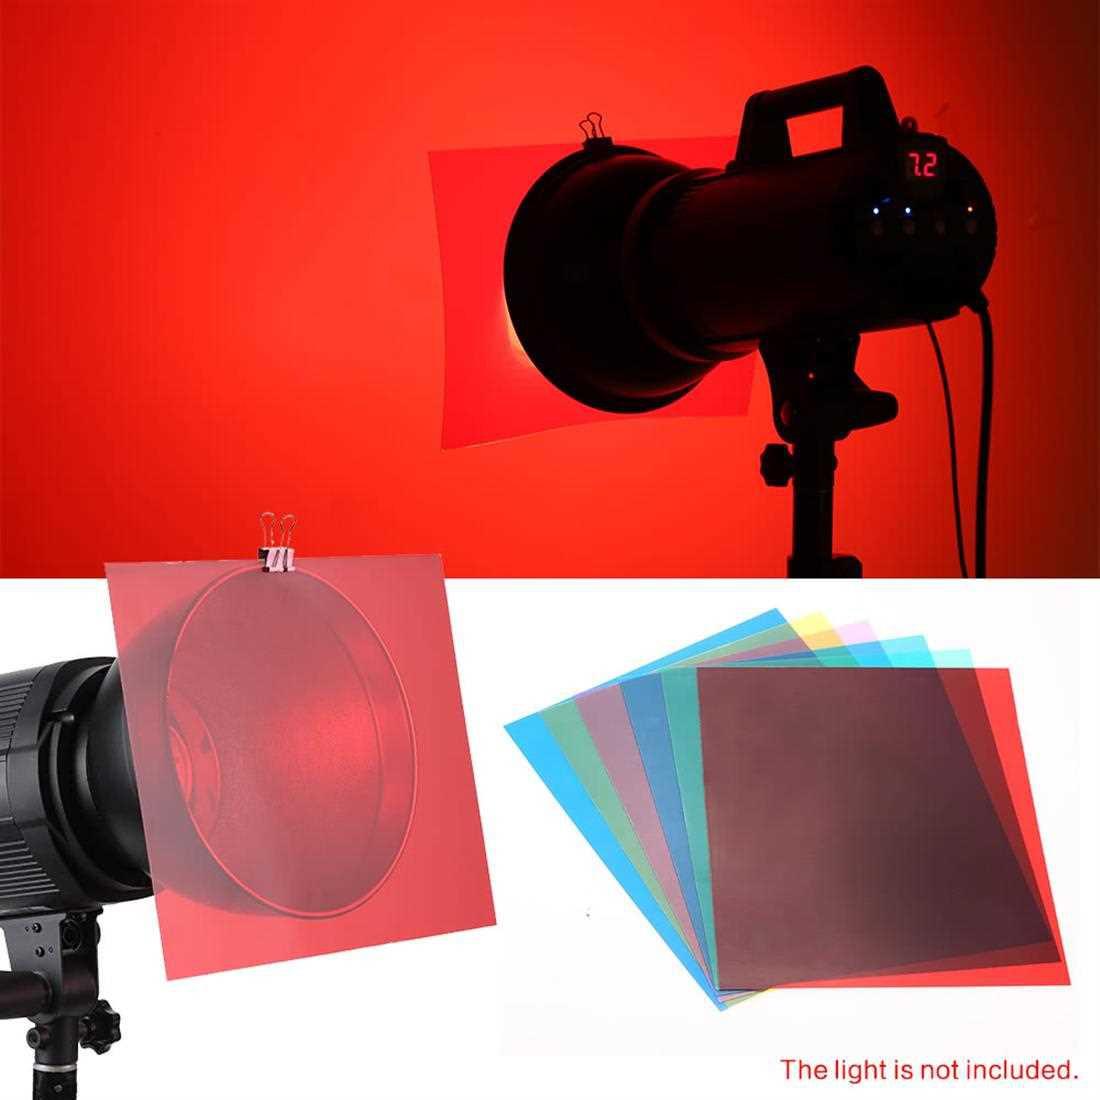 6pcs 25 * 20cm Transparent Lighting Color Correction Gel Sheets Filter Set for Flash Light Speedlite (Standard)